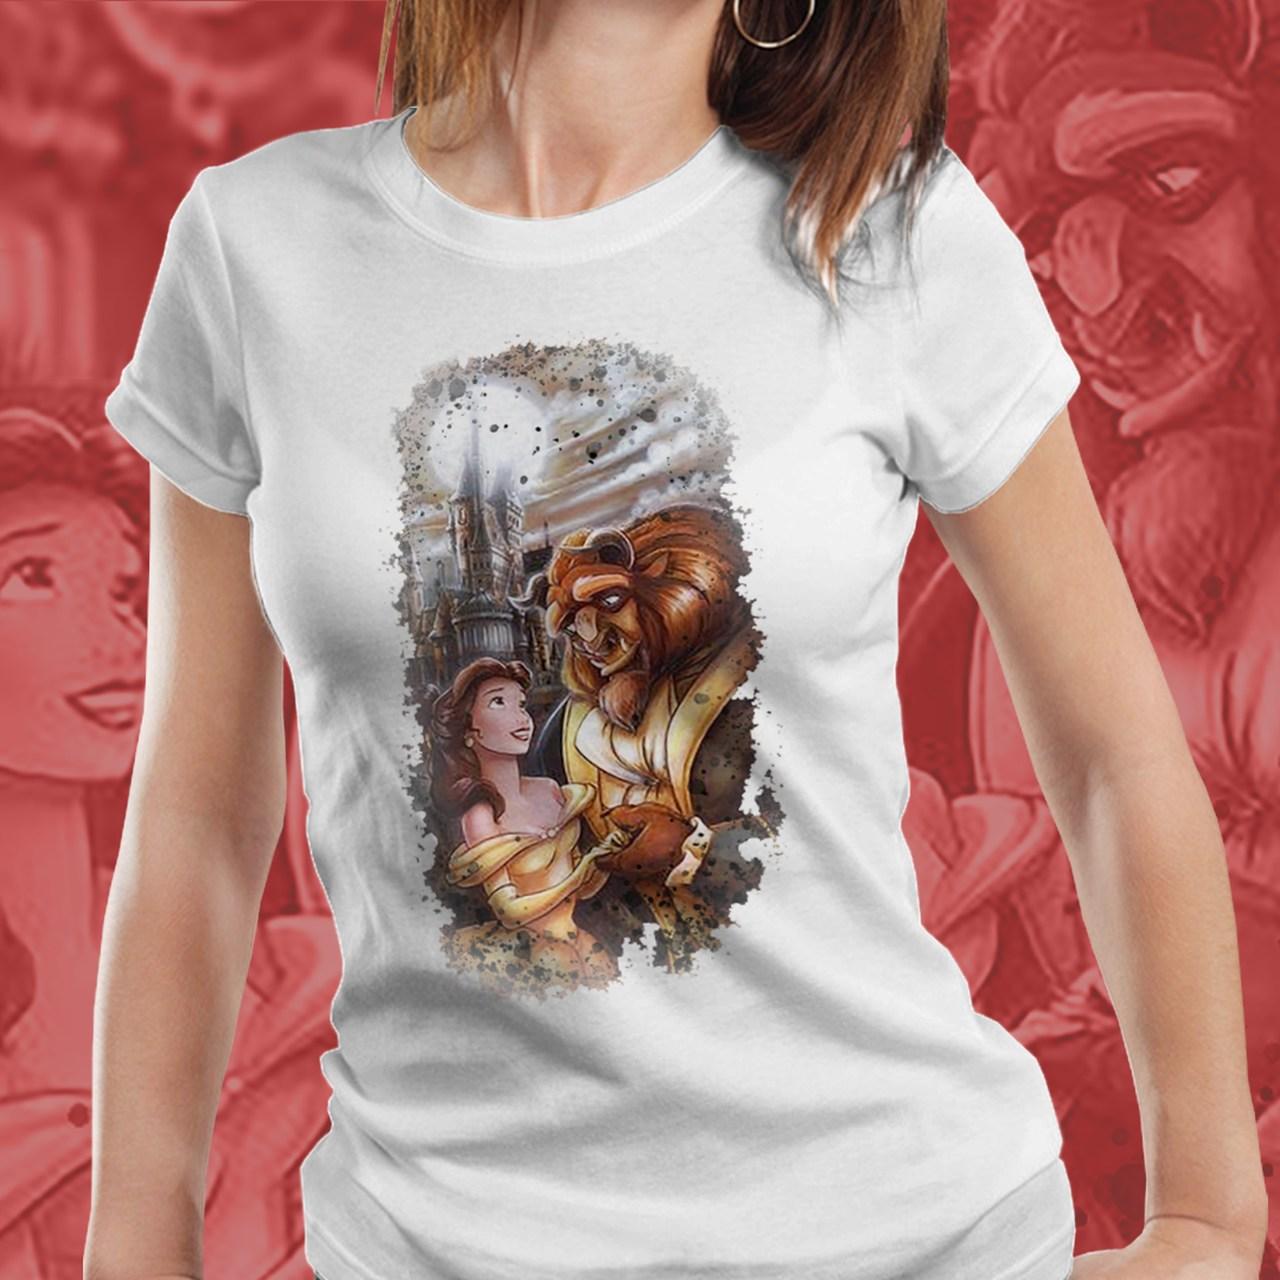 Camiseta Feminina A Bela e a Fera - Disney (Branco) - EV